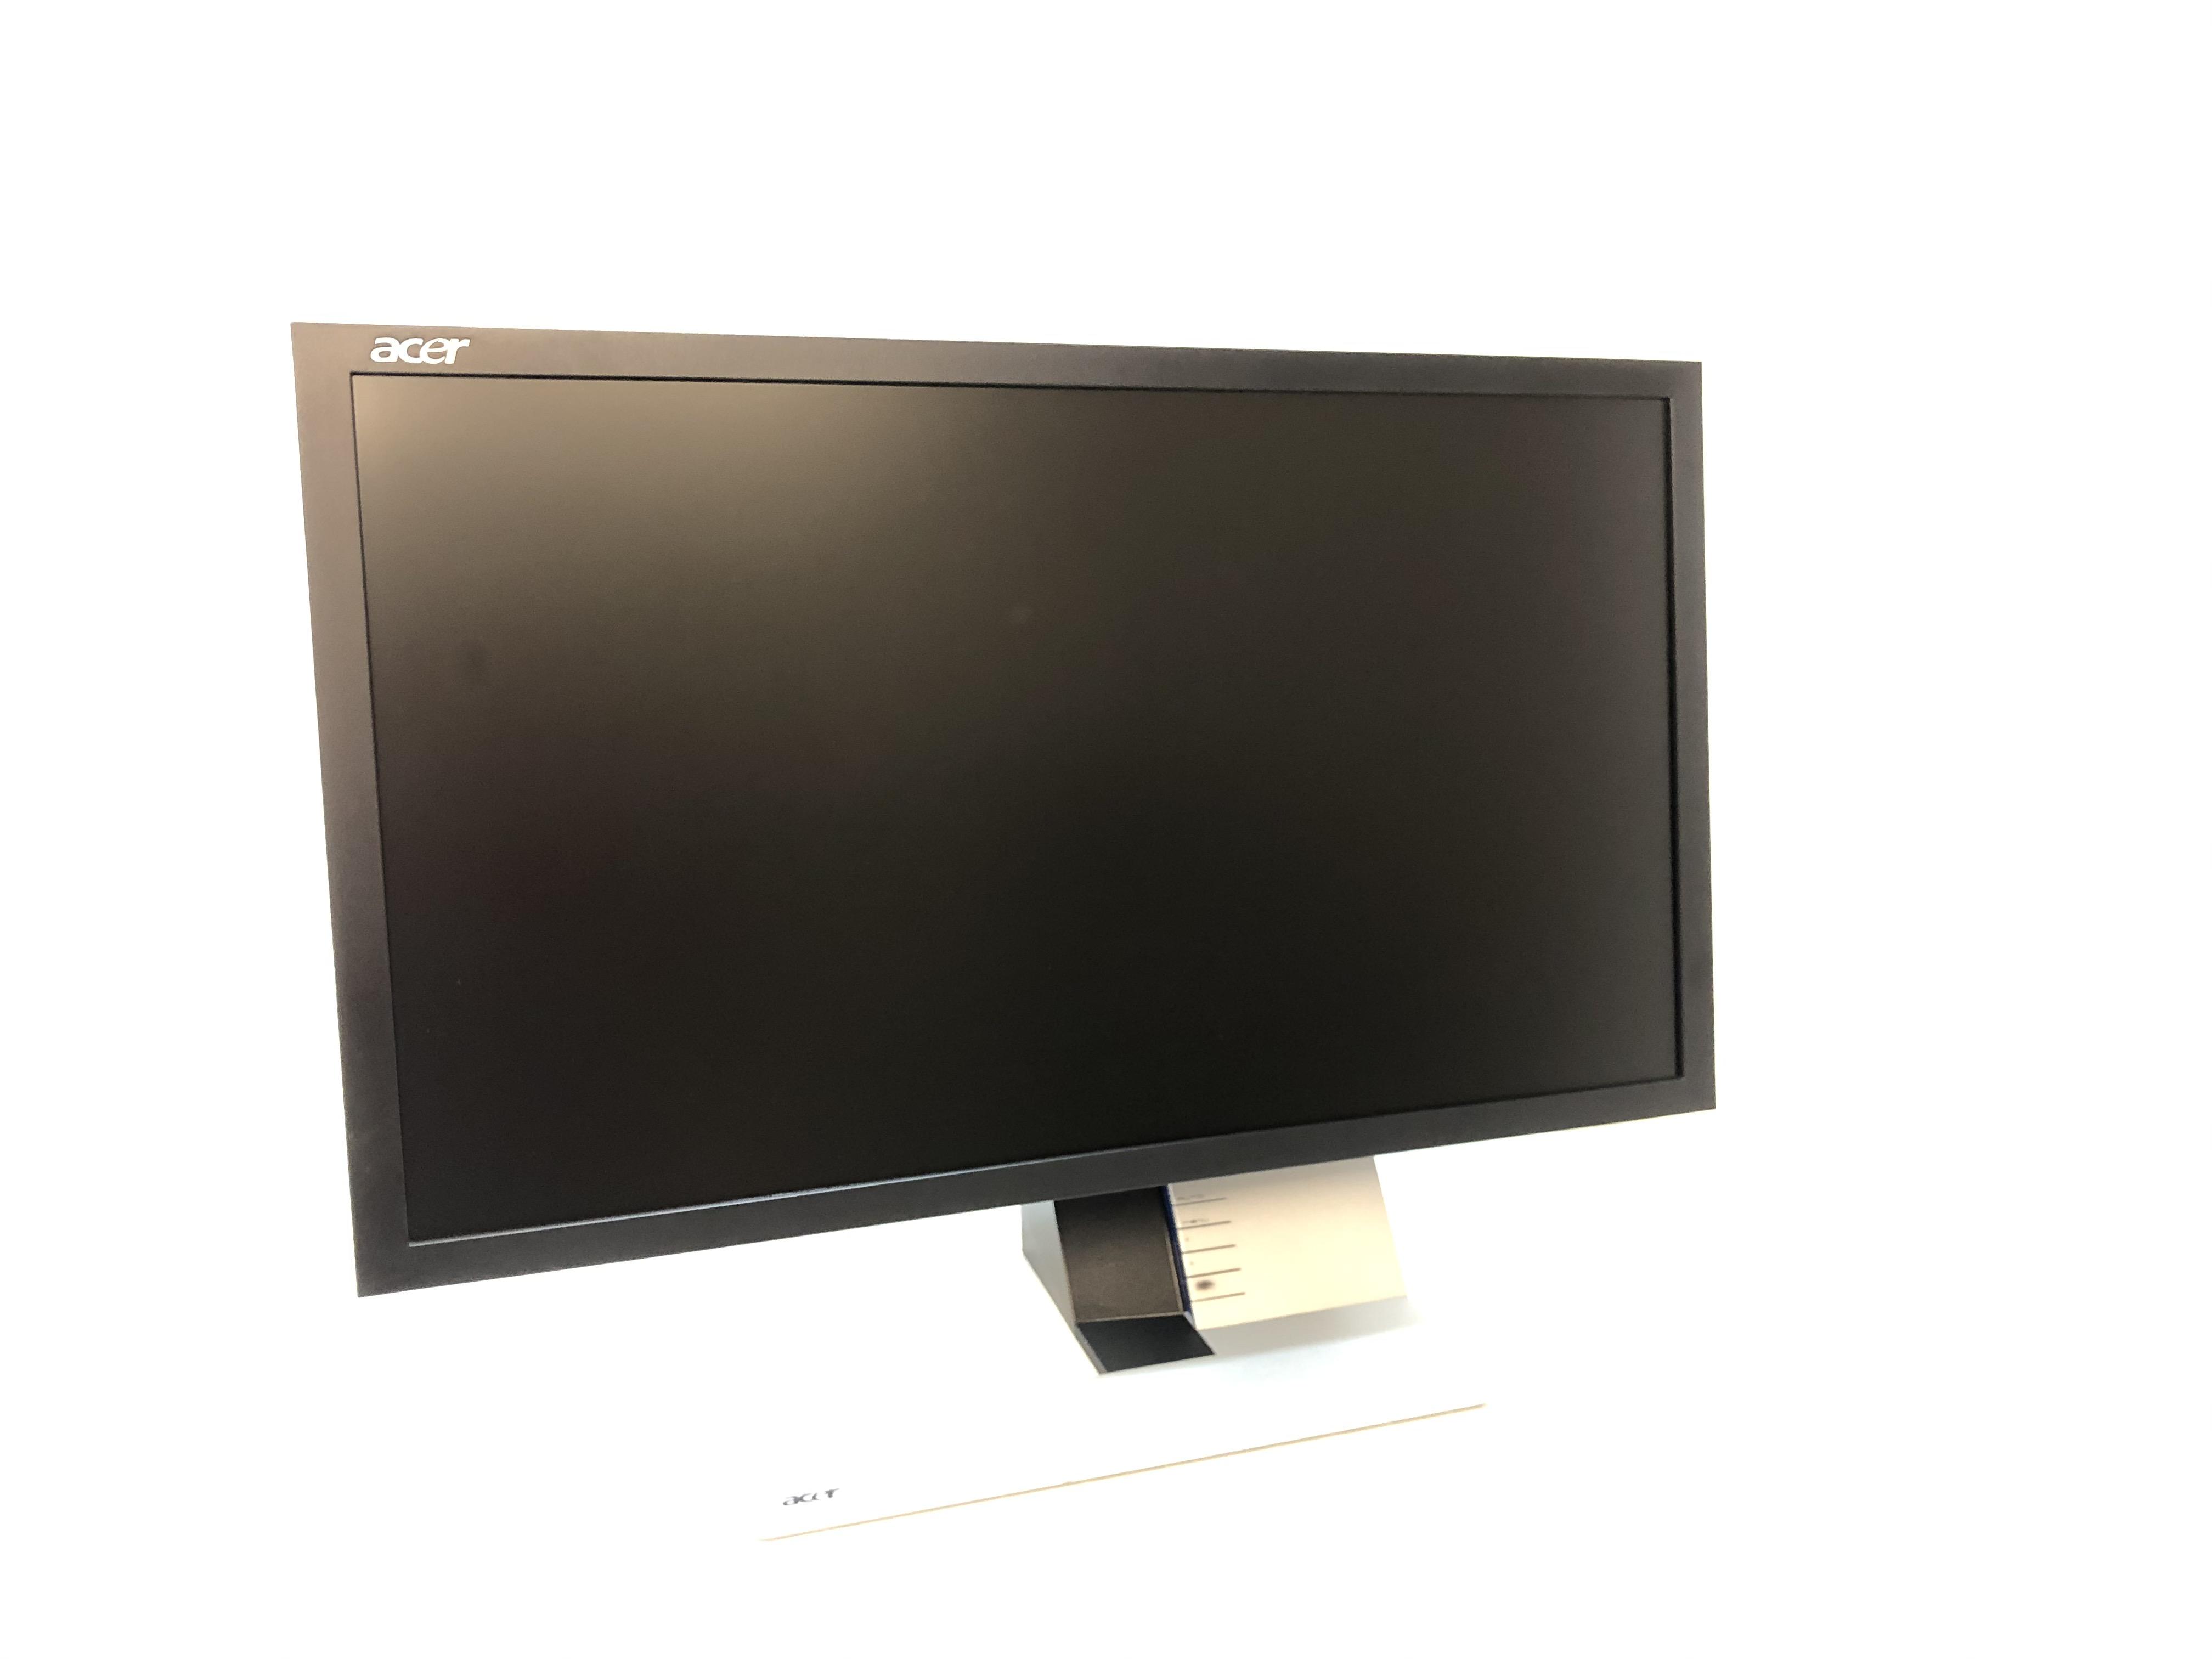 Acer-S243HL - 145237